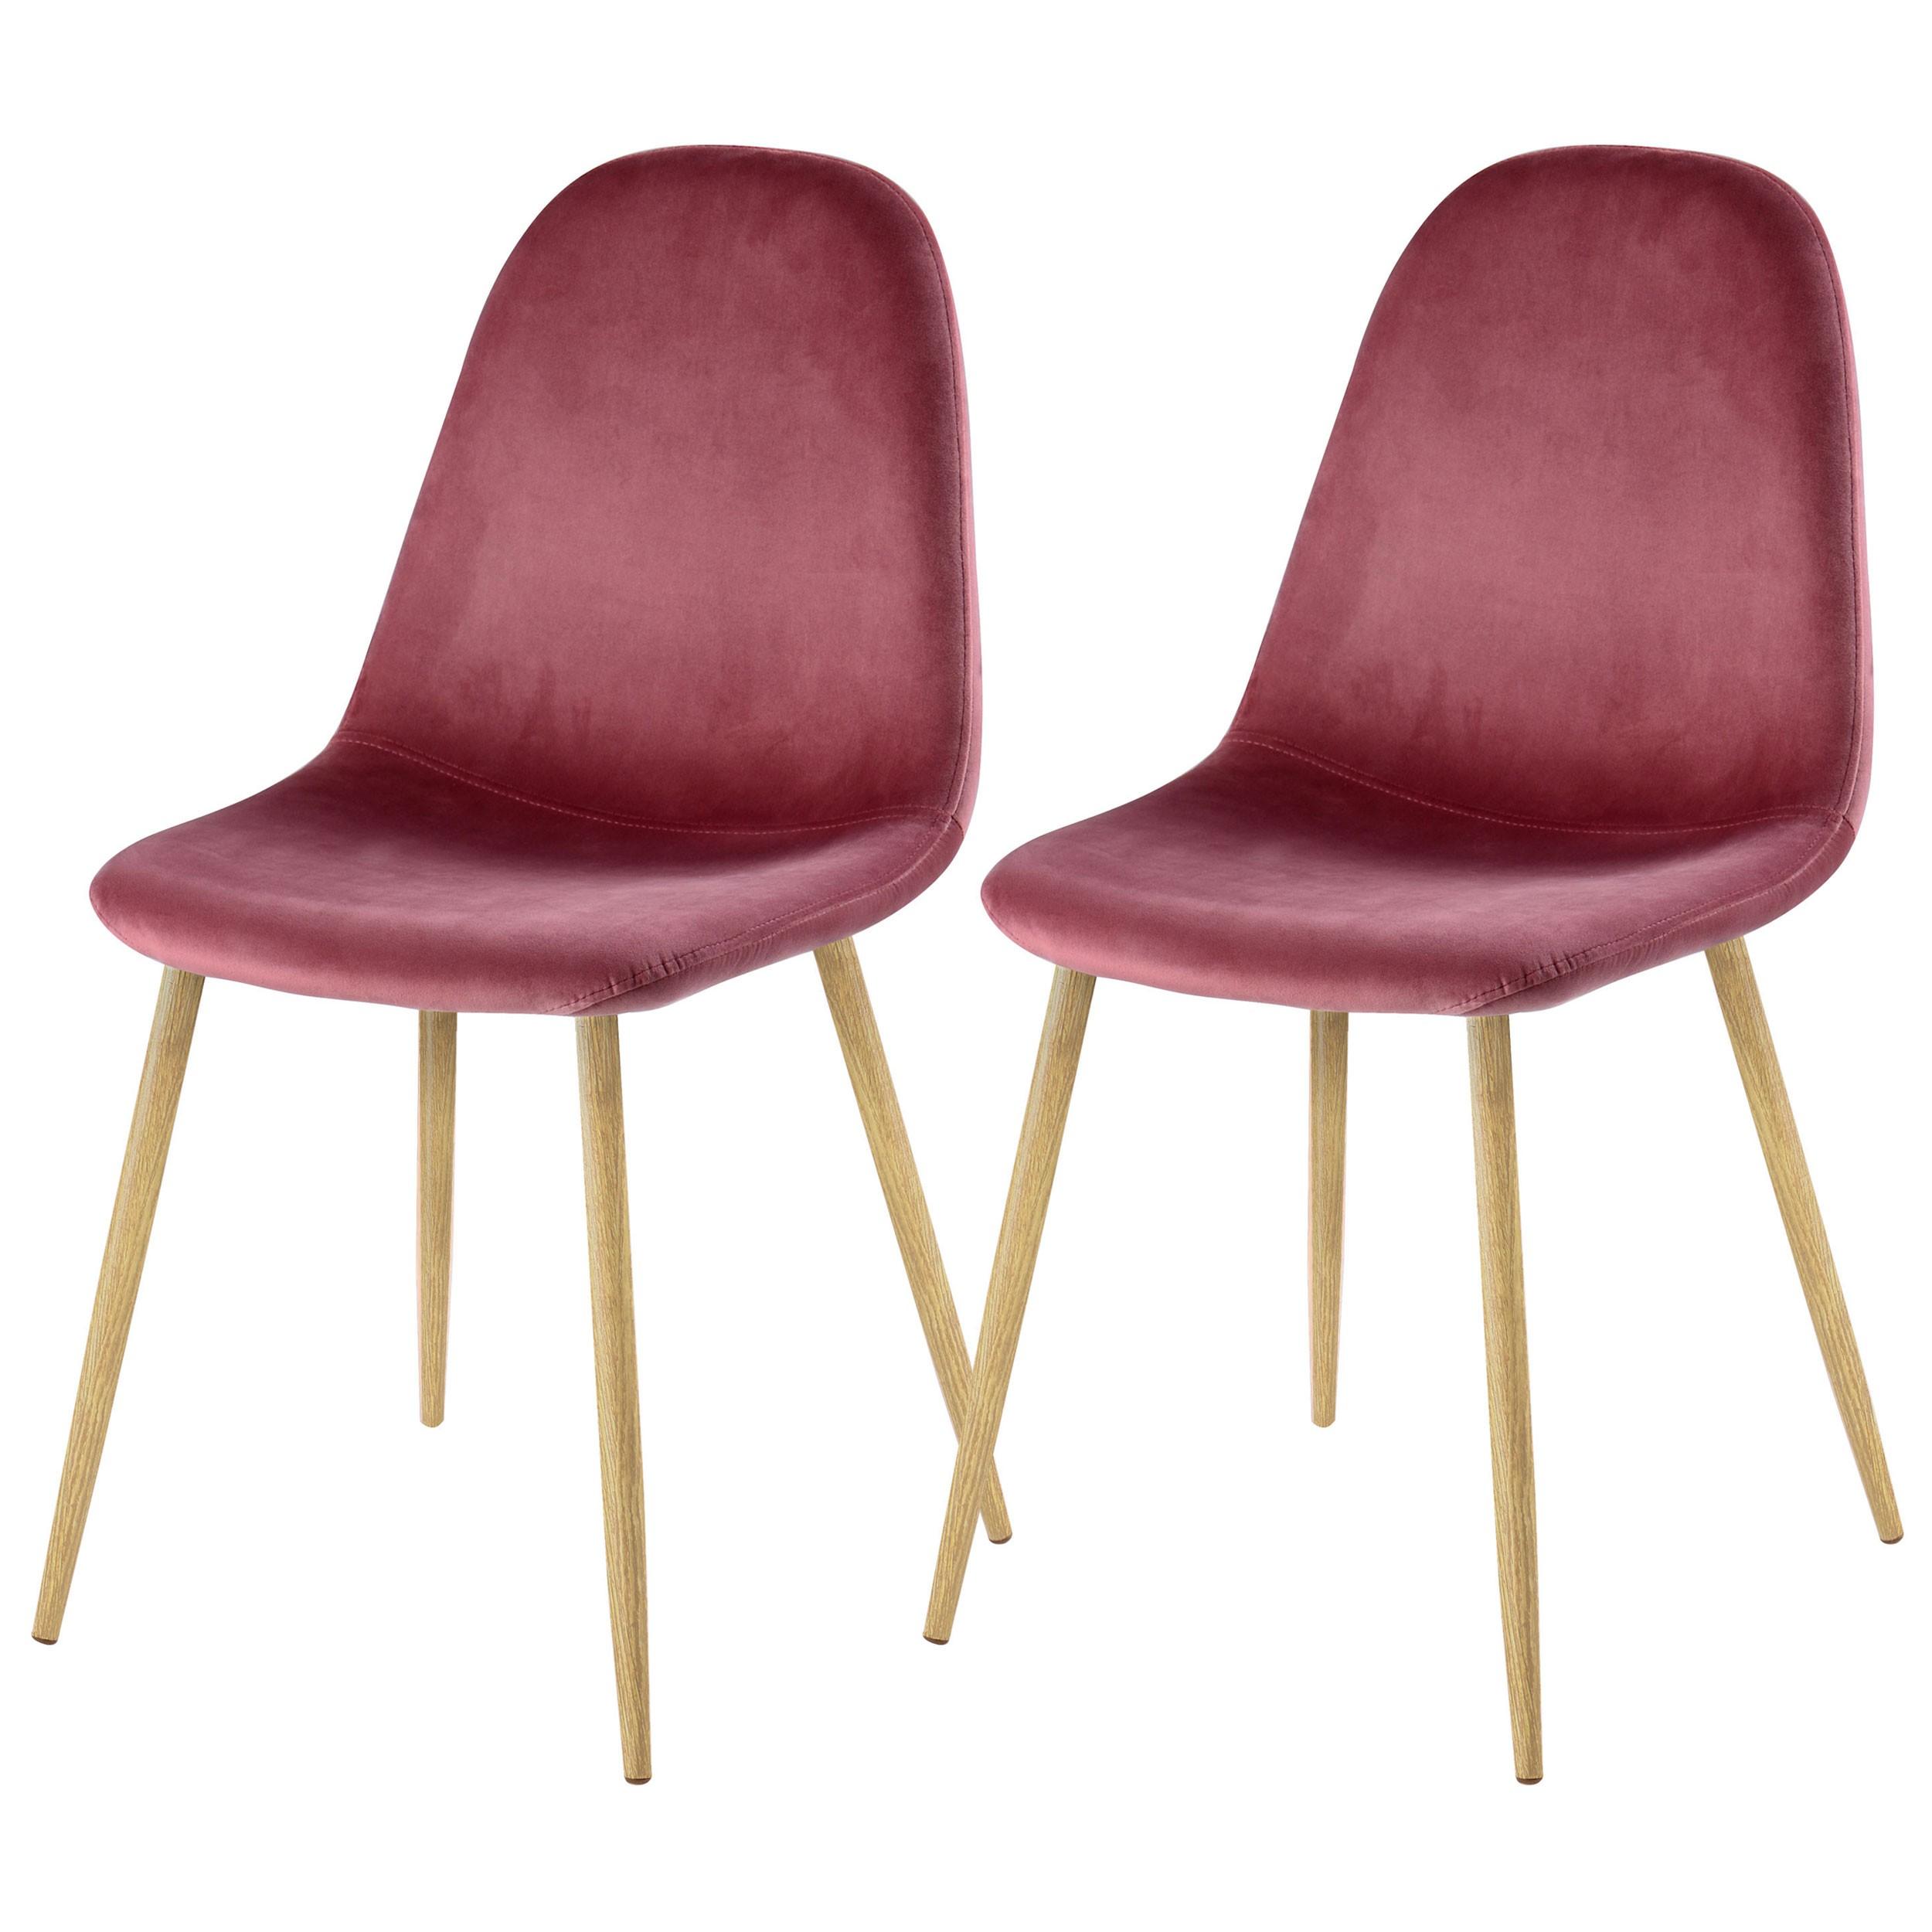 chaise fredrik en velours rose lot de 2 d couvrez les chaises fredrik en velours rose lot de 2. Black Bedroom Furniture Sets. Home Design Ideas